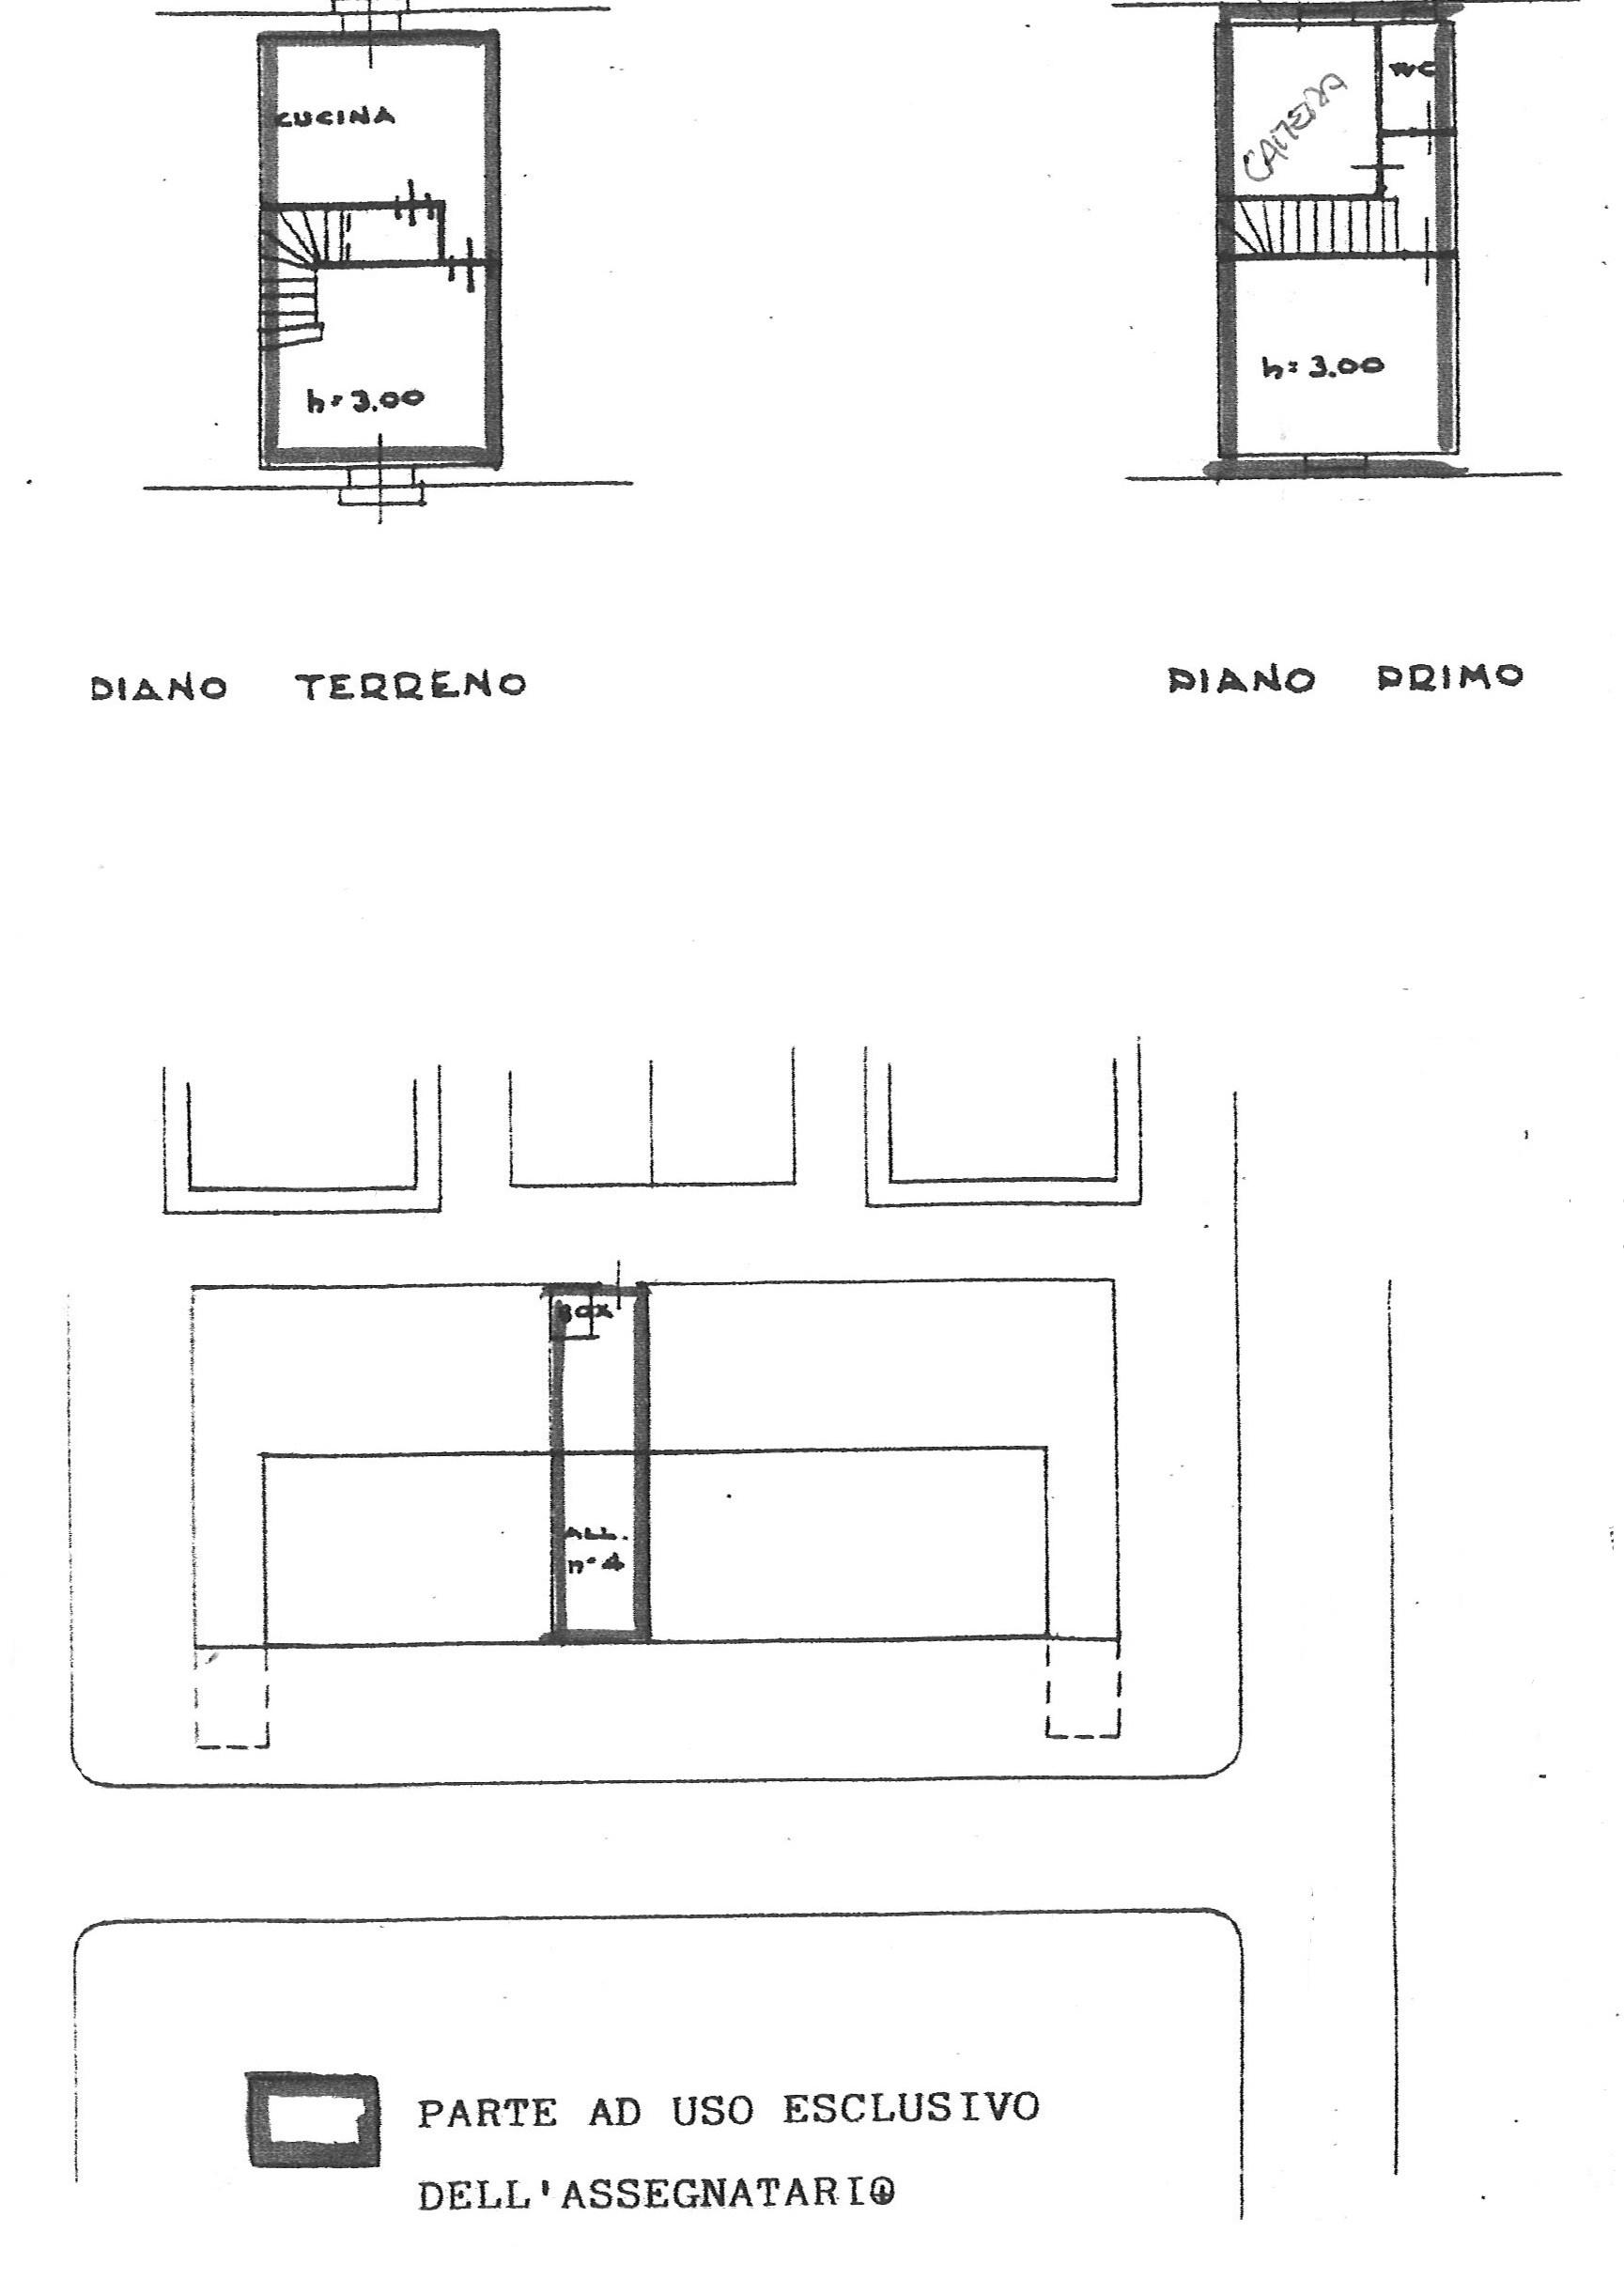 Planimetria 1/1 per rif. vsc svito 135